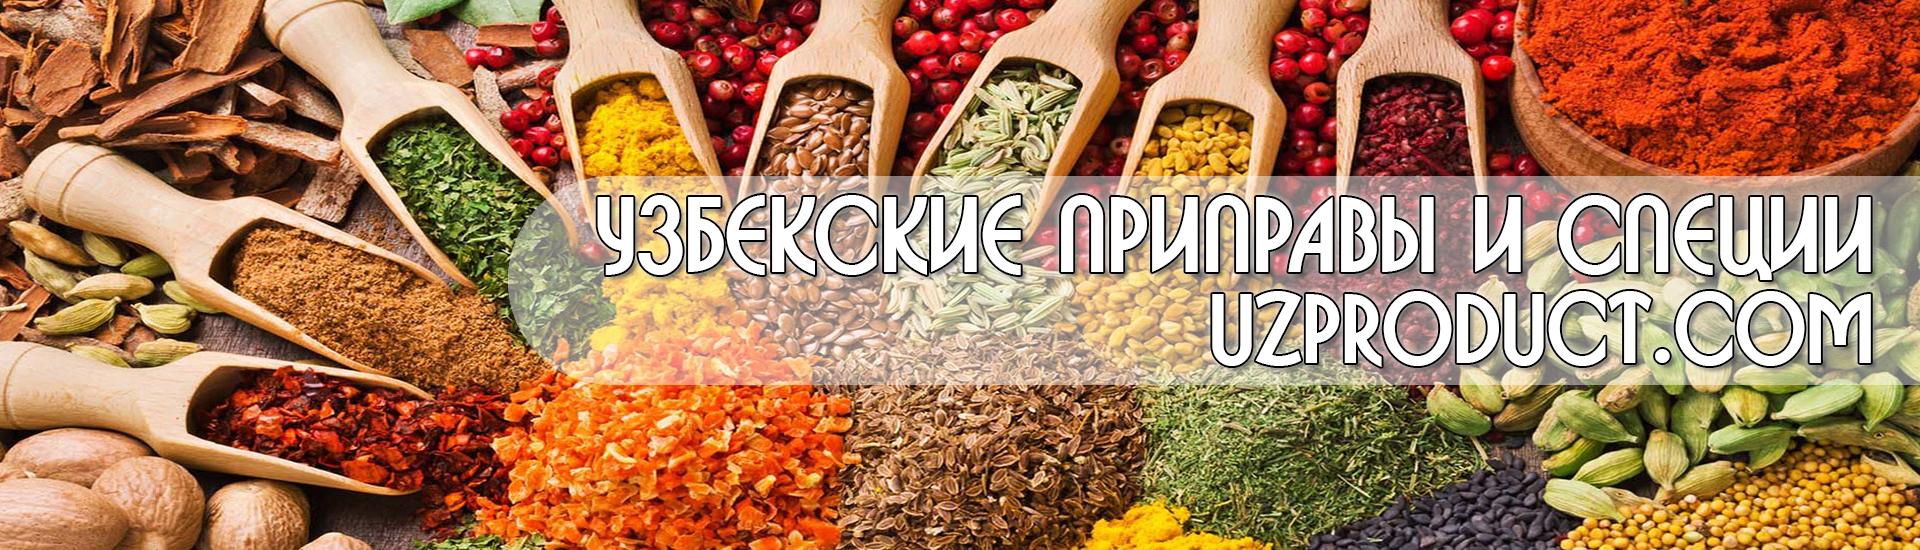 Узбекские приправы и специи